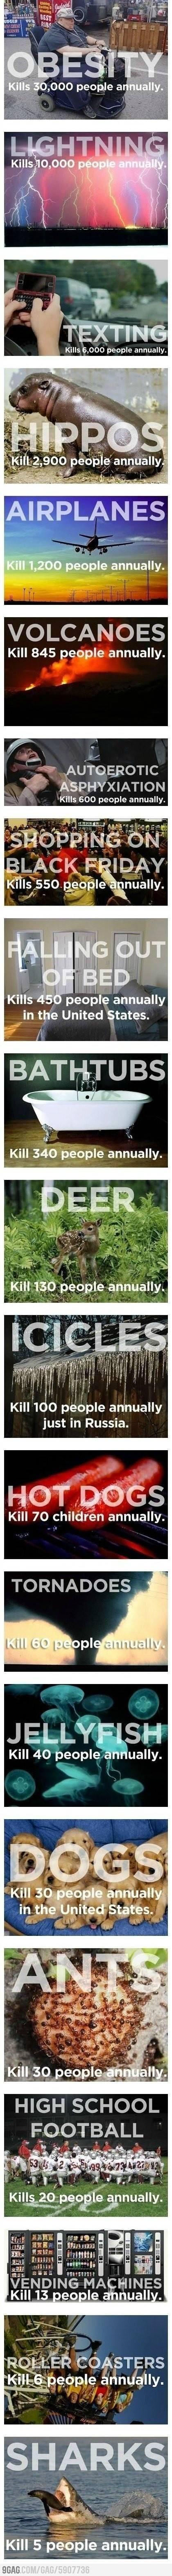 Ce qui tue le plus